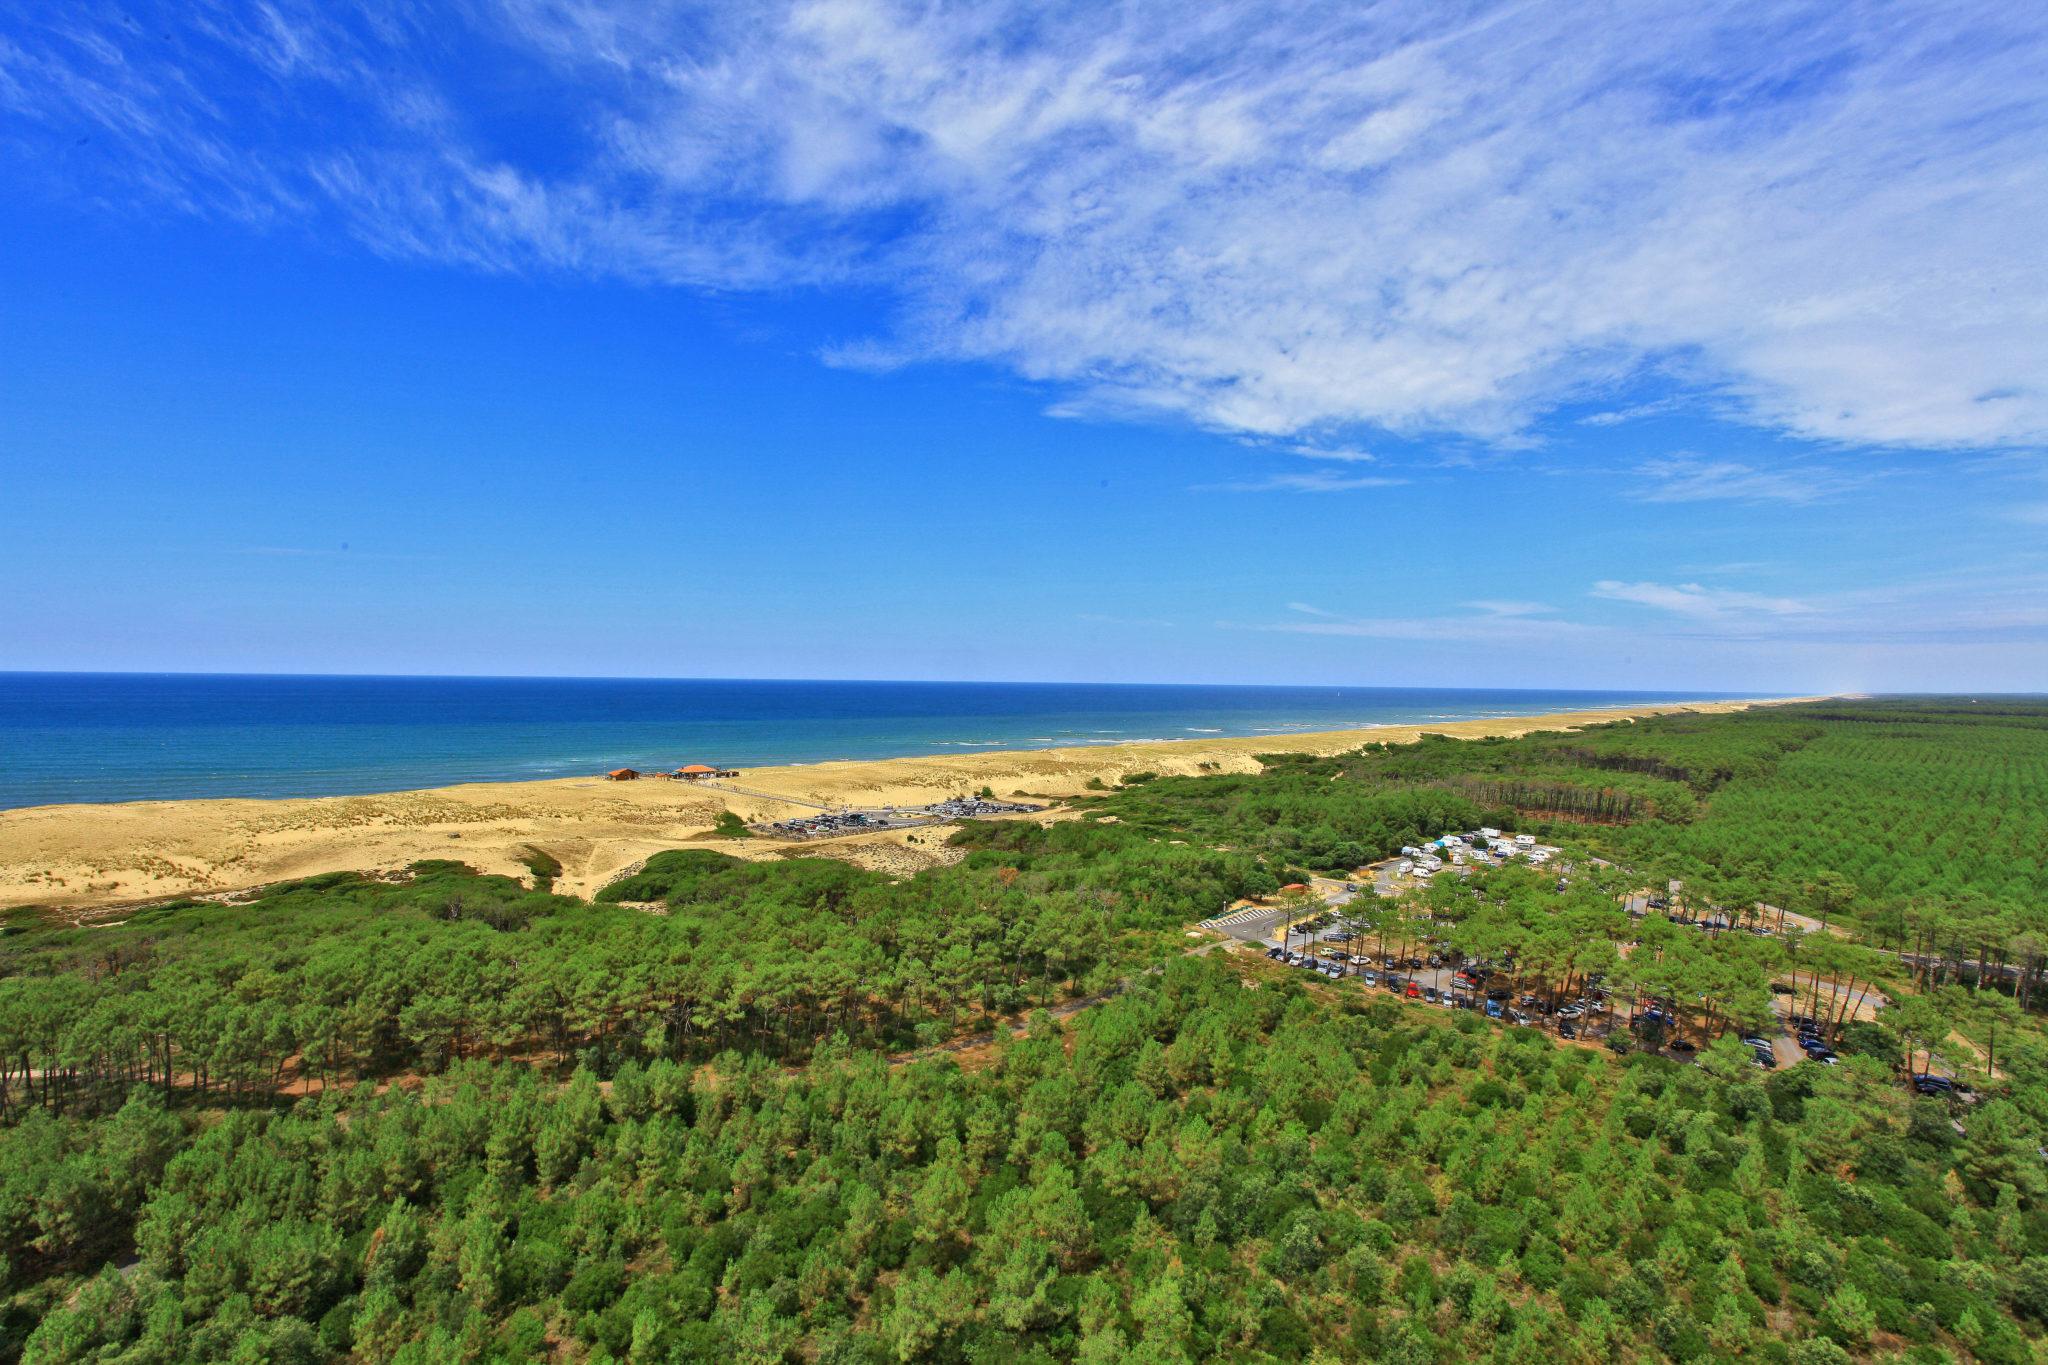 Messanges vue aérienne plage océan plage forêt